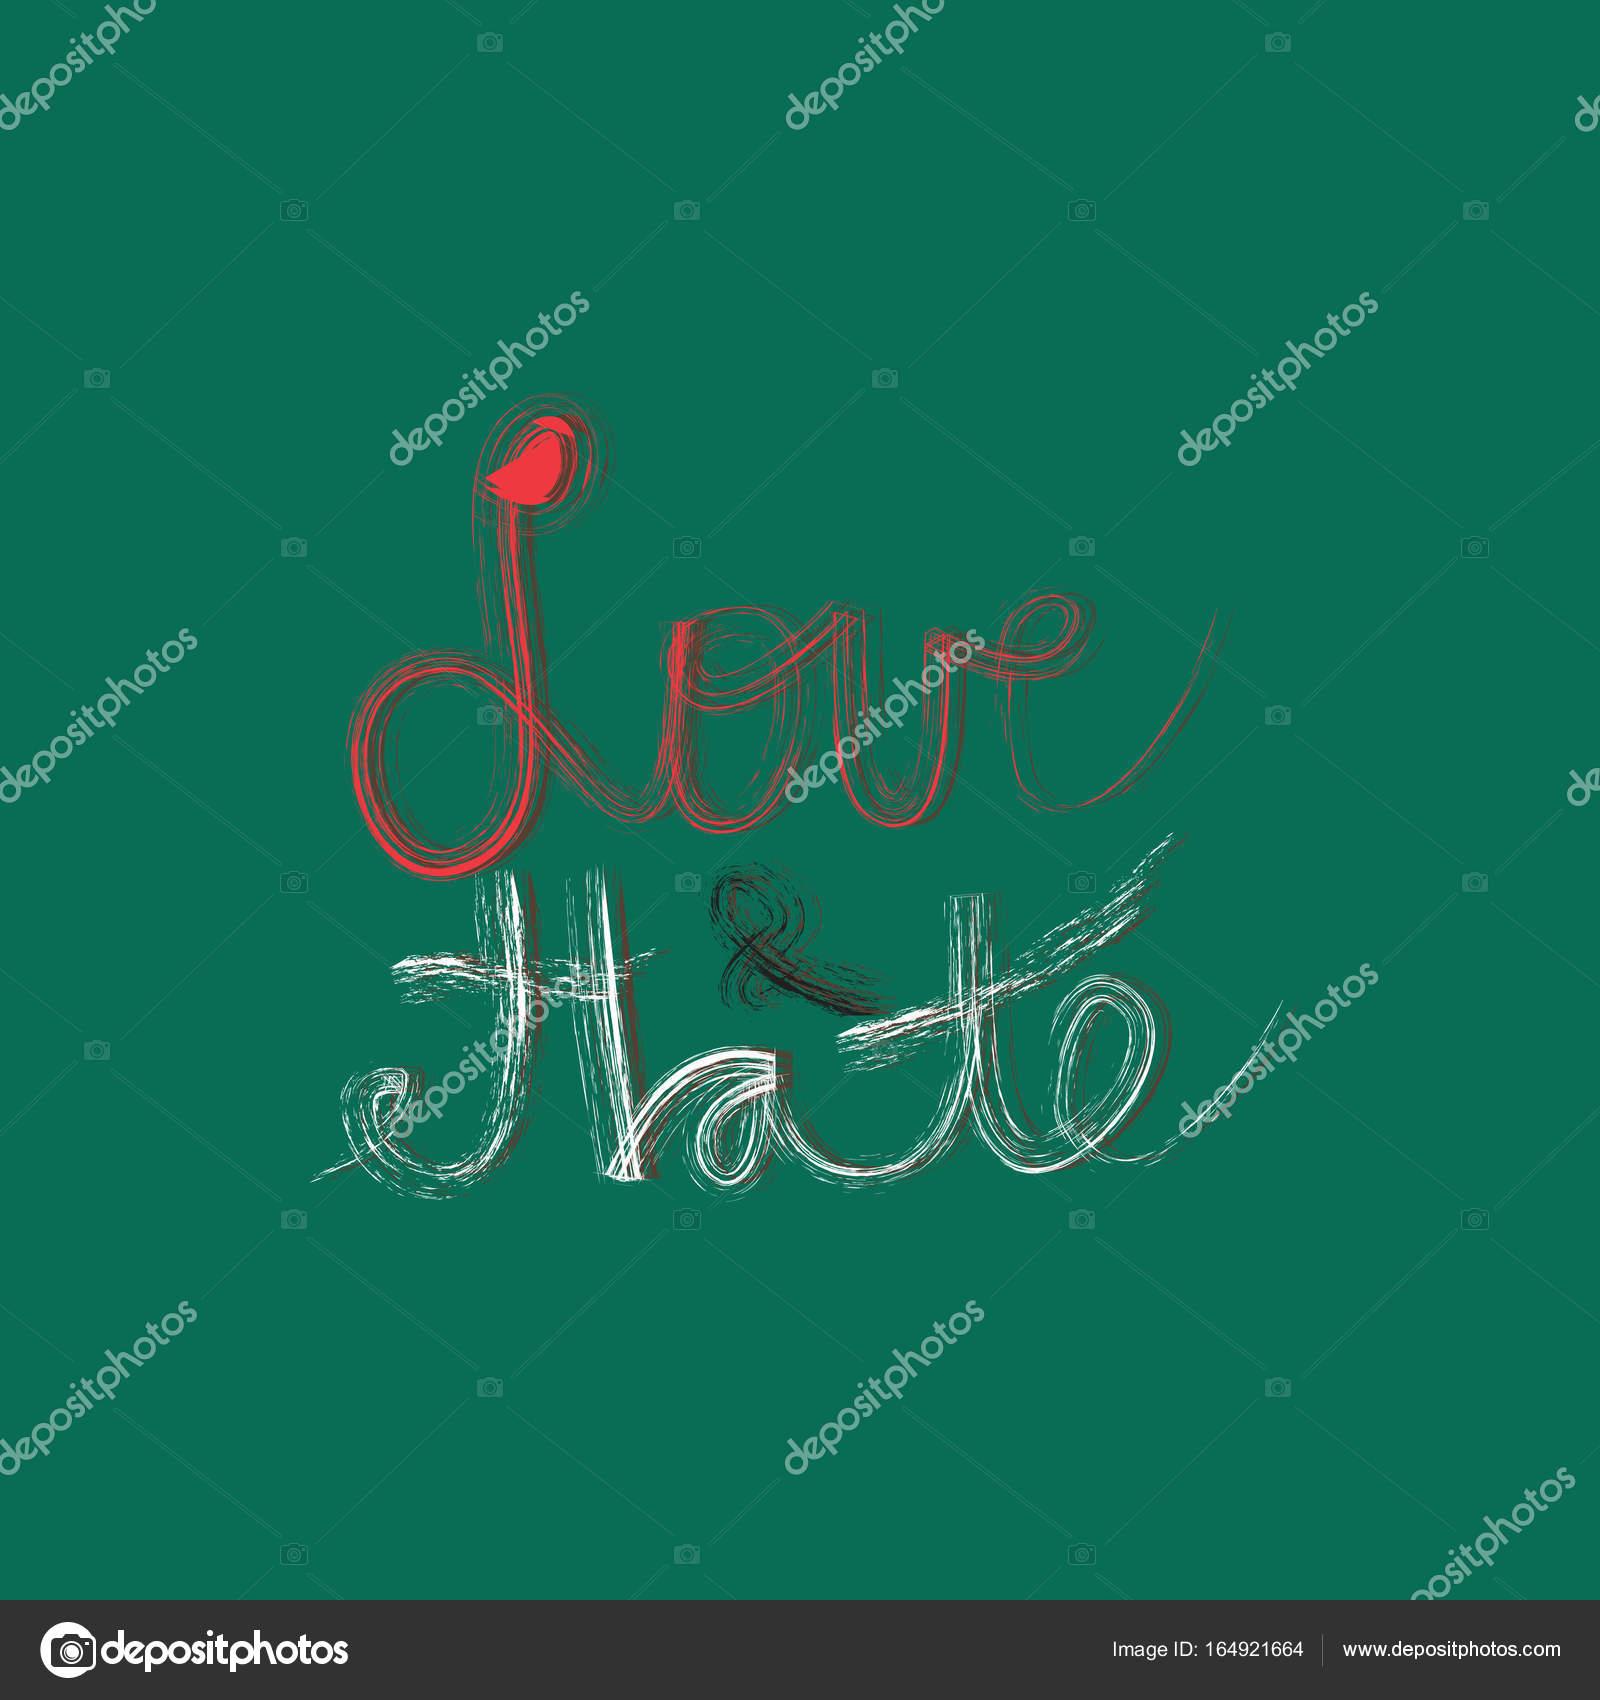 Imagenes Jinetes Con Frases De Amor Amor Y Odio Caligrafia De